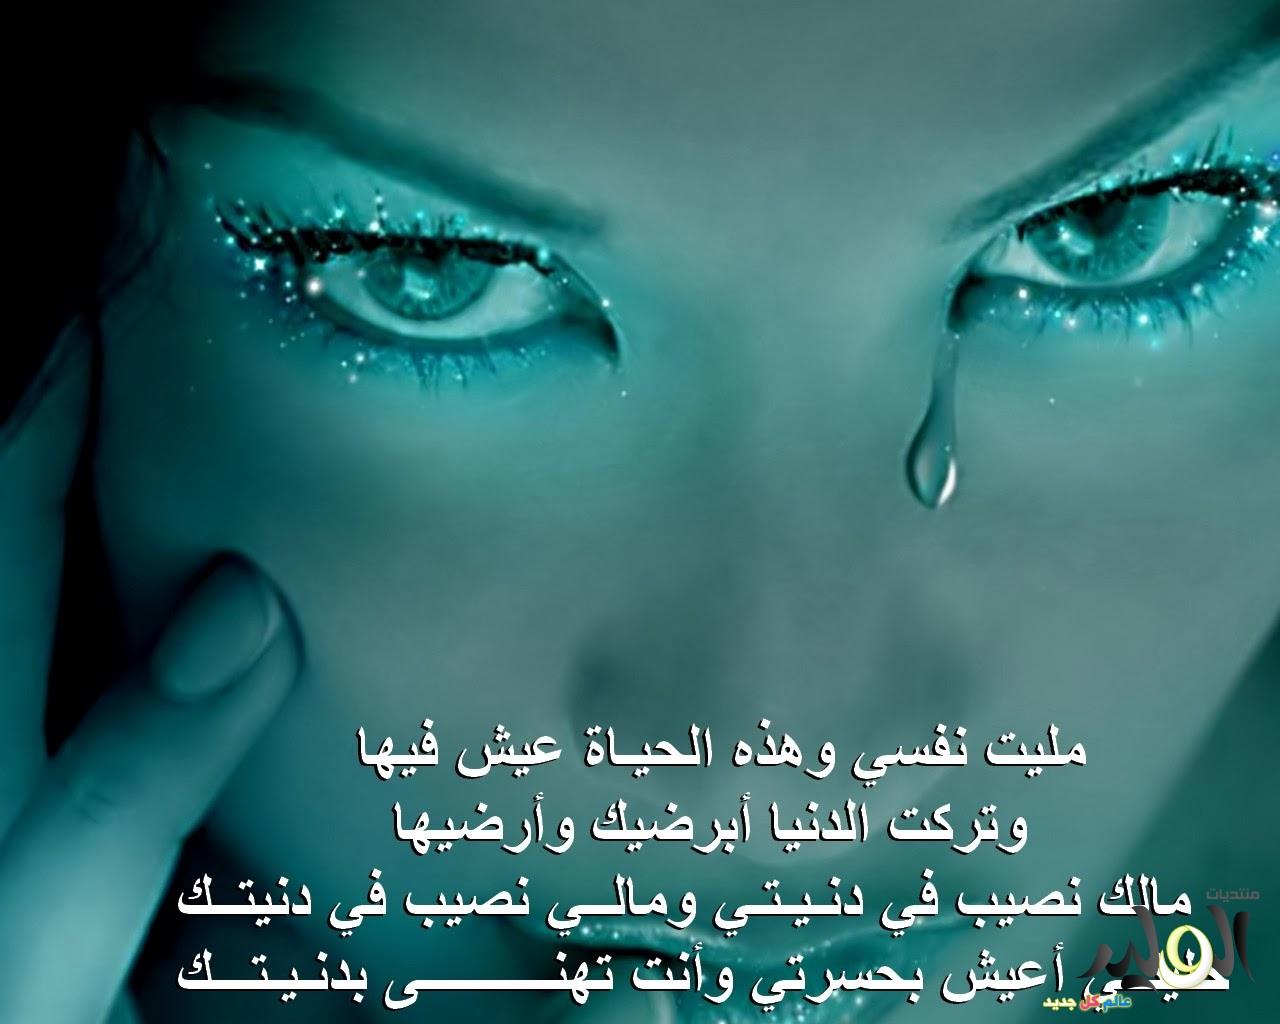 صورة كلام فراق وعتاب , اجمد الكلمات عن الفراق والعتاب